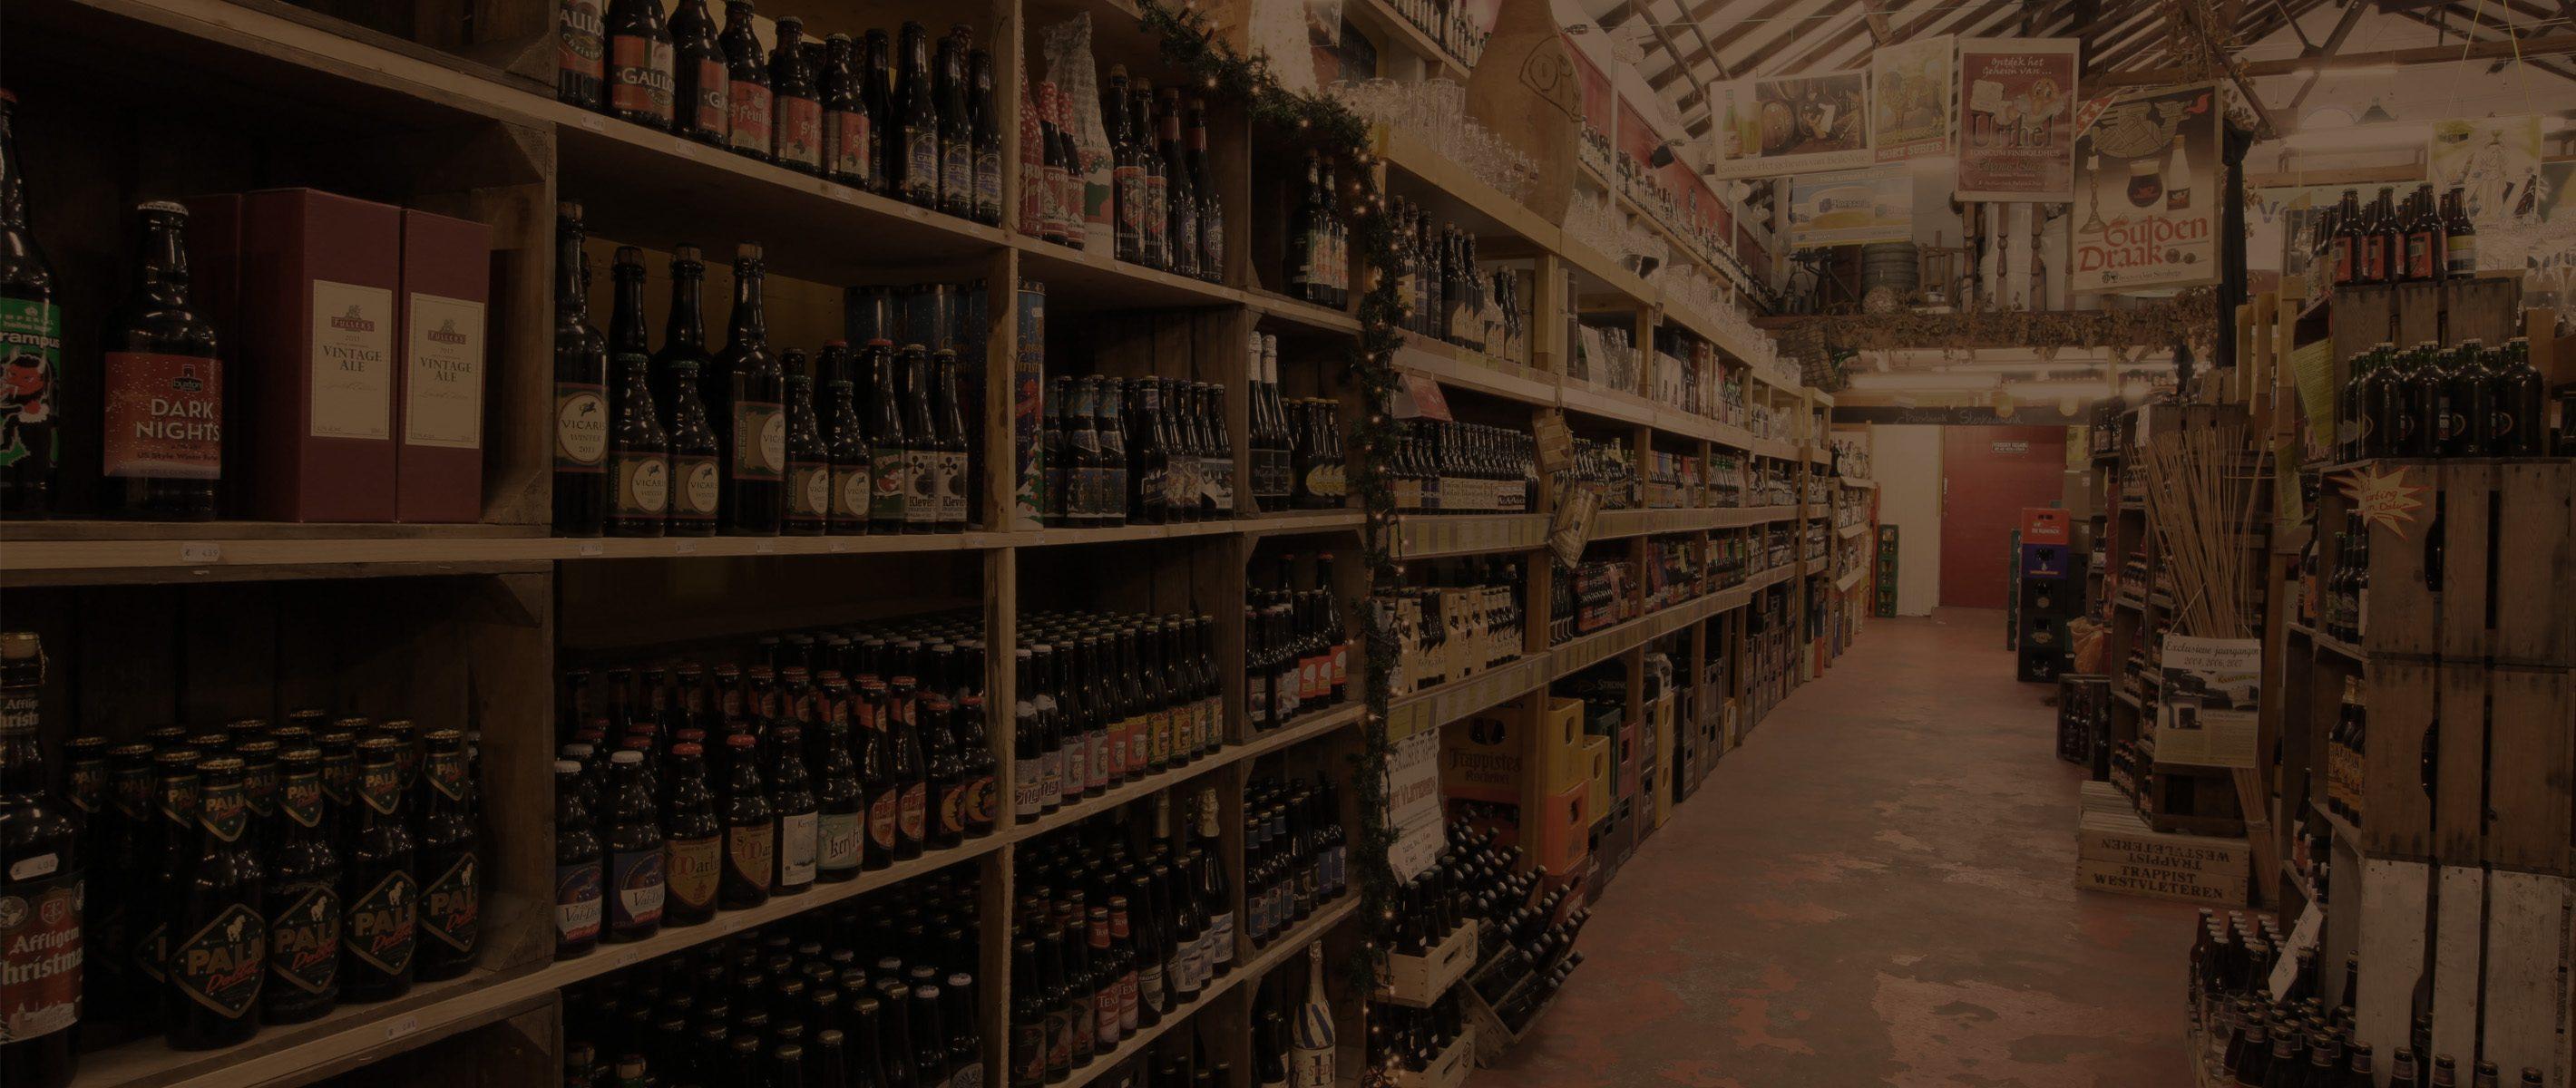 burg-bieren-ermelo